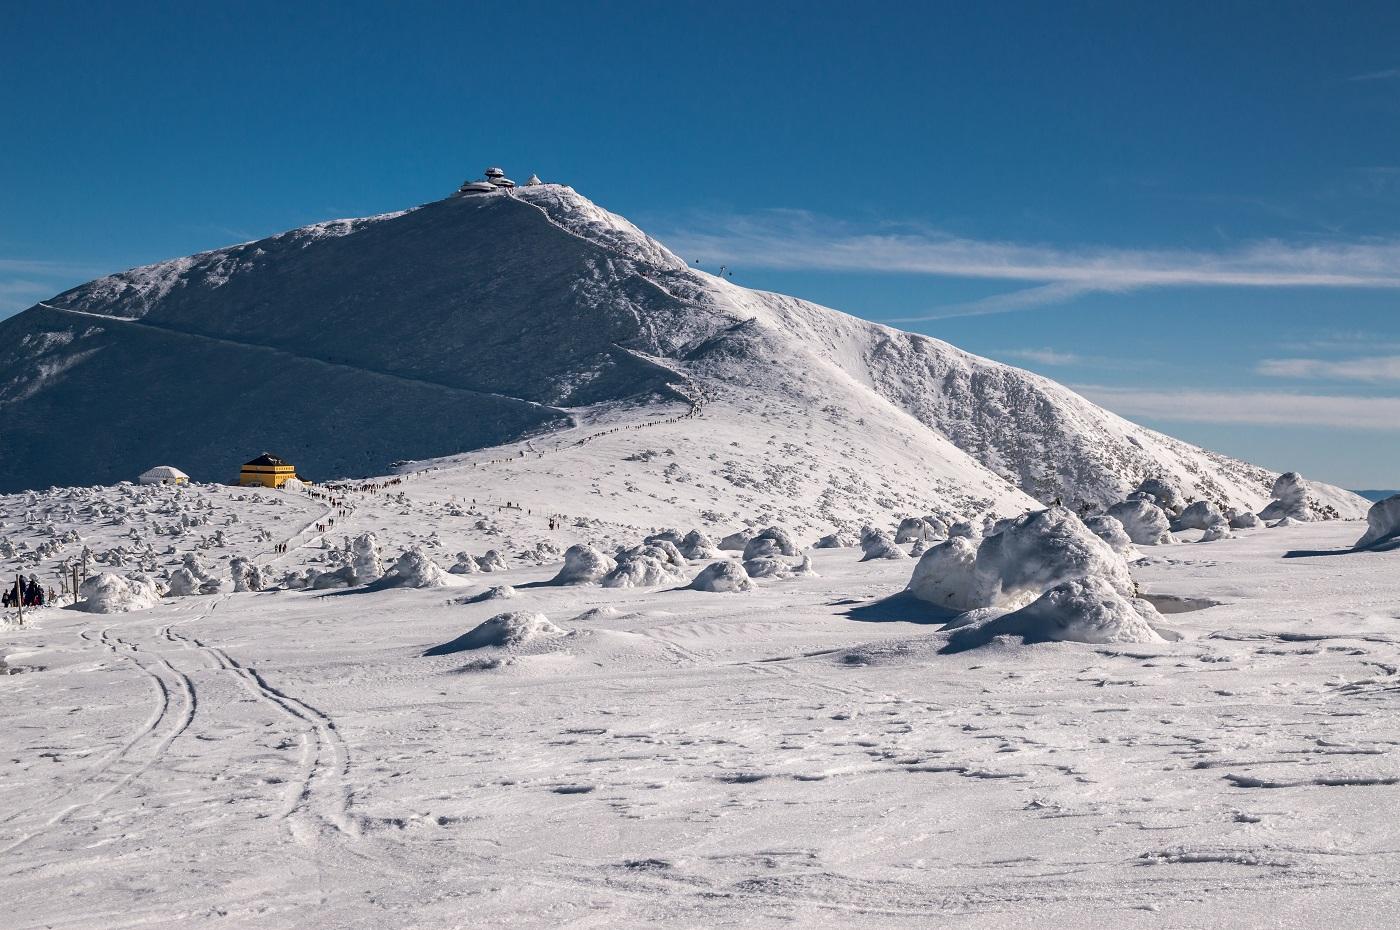 Śnieżka i Dom Śląski zimą